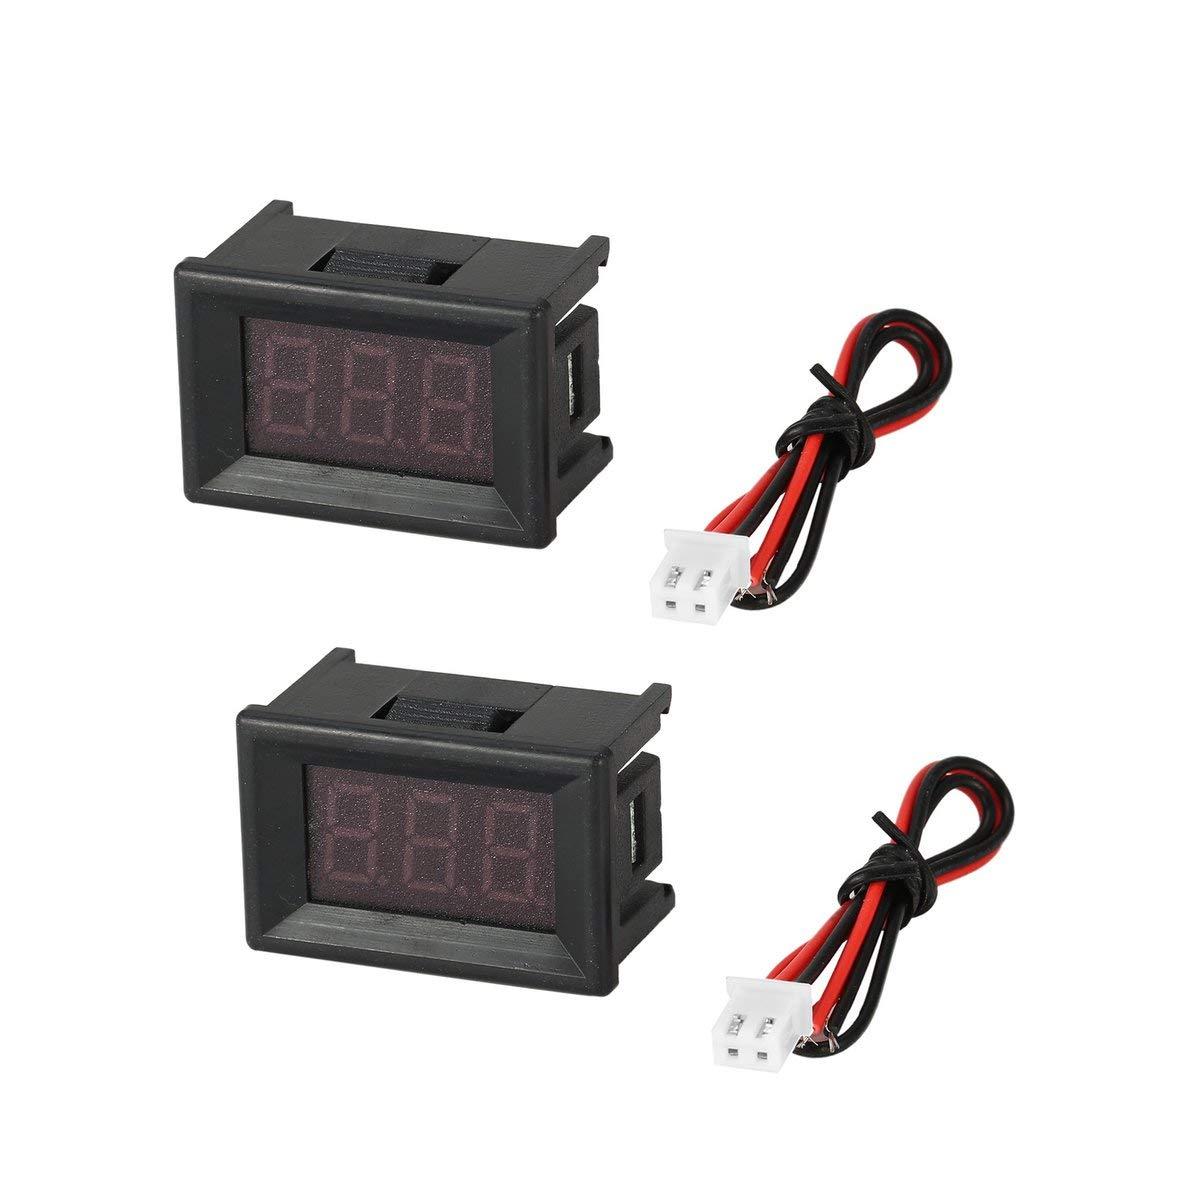 2 UNIDS 2.5-30 V 0.36 pulg 2 LED Panel de Pantalla Digital Volt/ímetro Medidor de Voltaje El/éctrico Volt Tester Auto Bater/ía de Coche Motocicleta